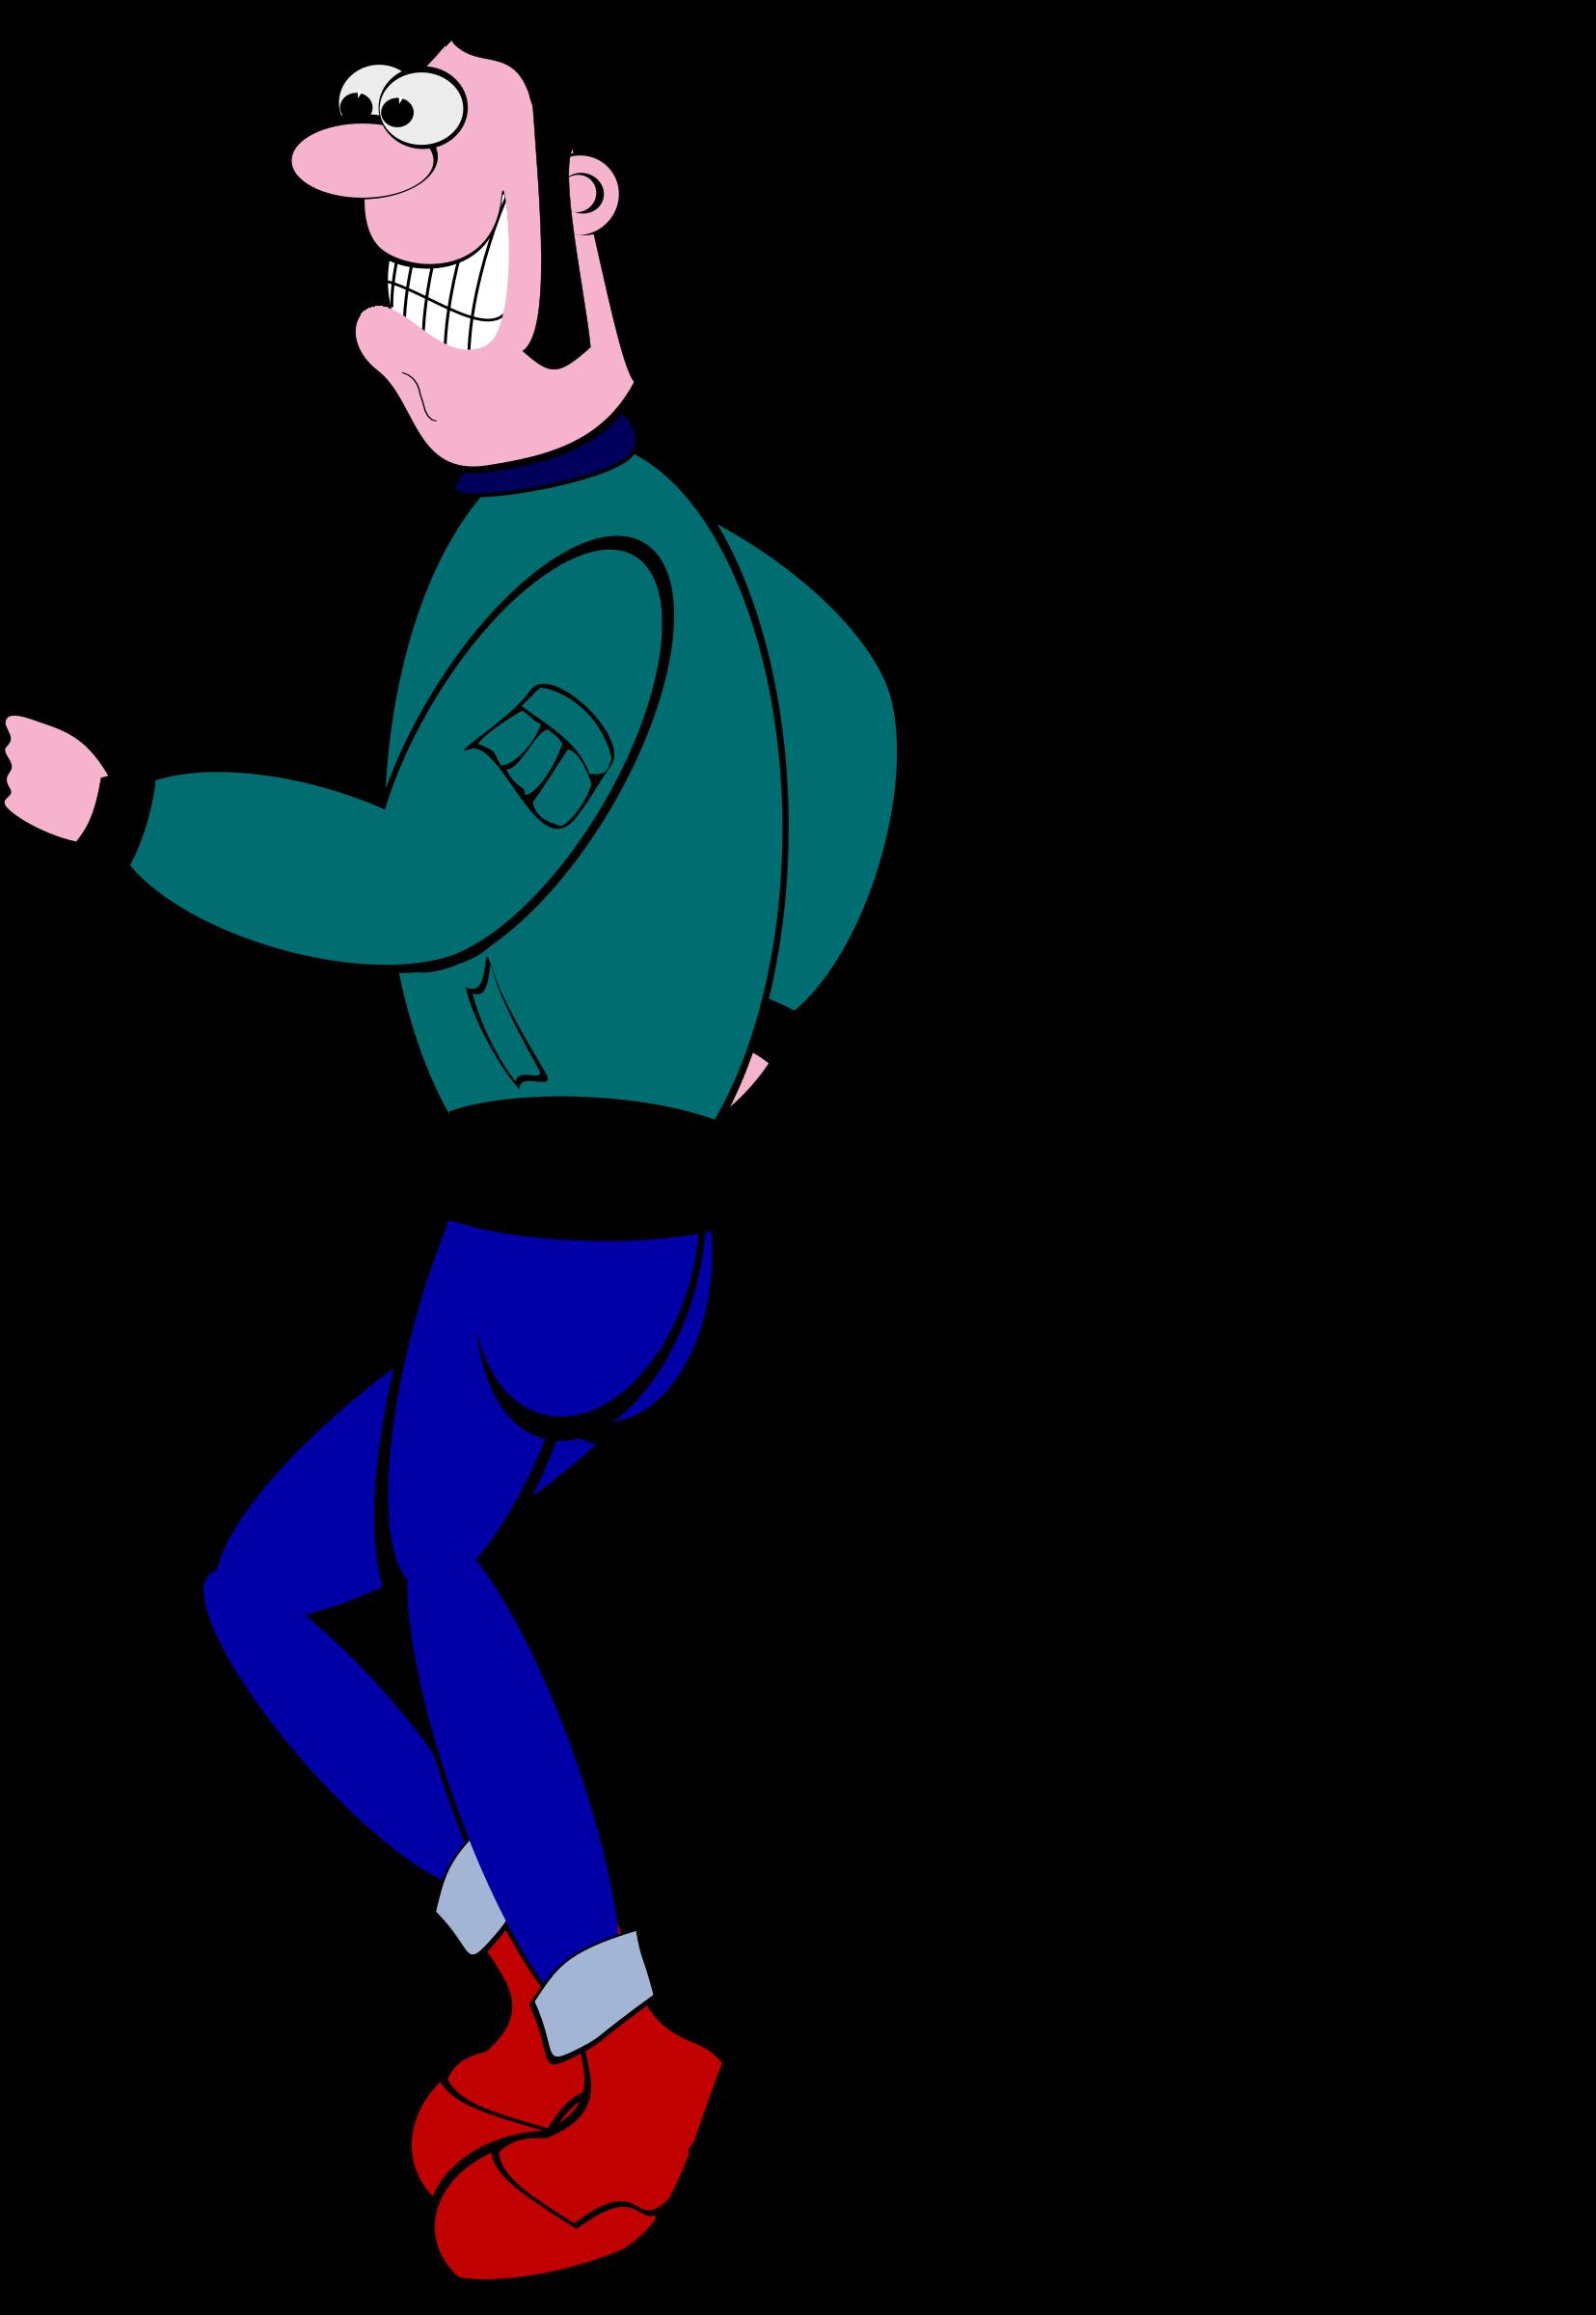 Download Animated Dancing People Dancing Man Clip Art Free.